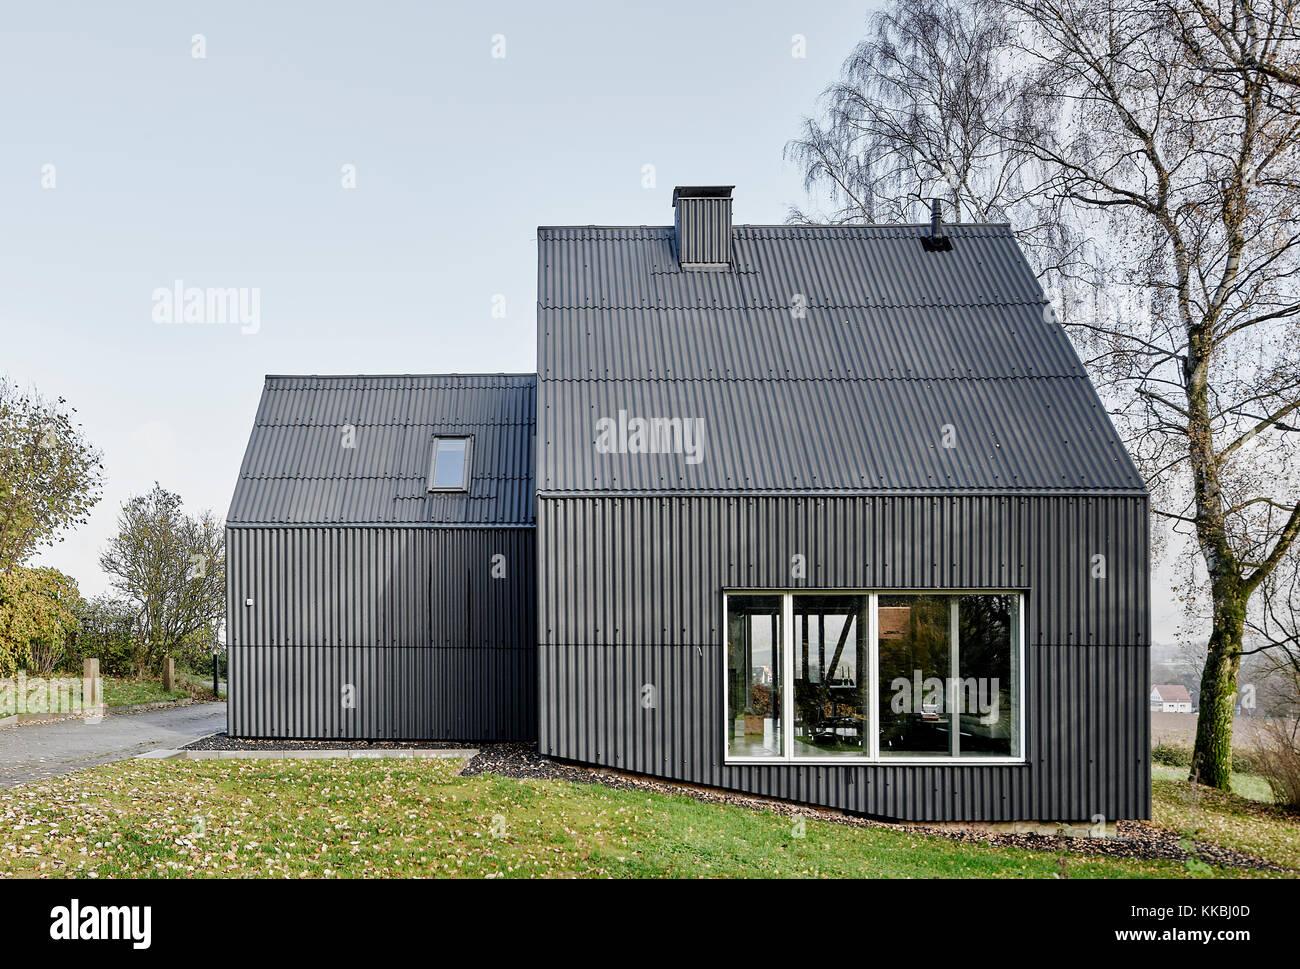 gottingen stock photos gottingen stock images alamy. Black Bedroom Furniture Sets. Home Design Ideas